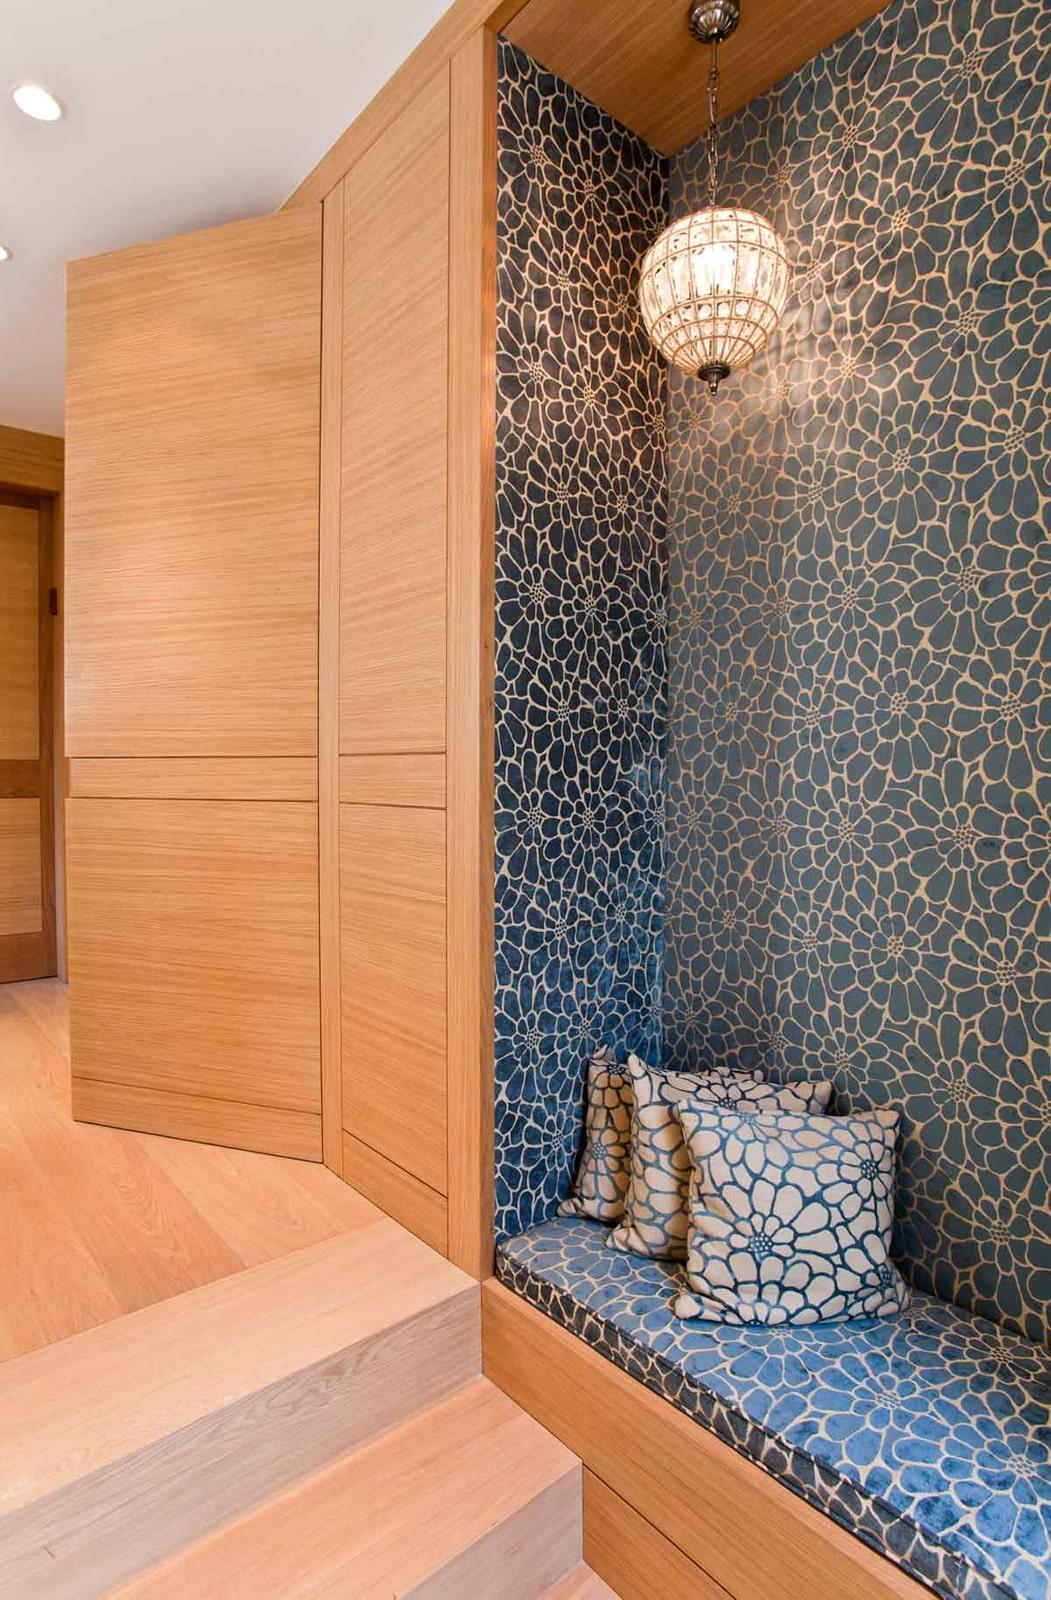 ציפוי חיפוי קיר אלון אירופאי לבן דלת כניסה מעלית פינת ישיבה